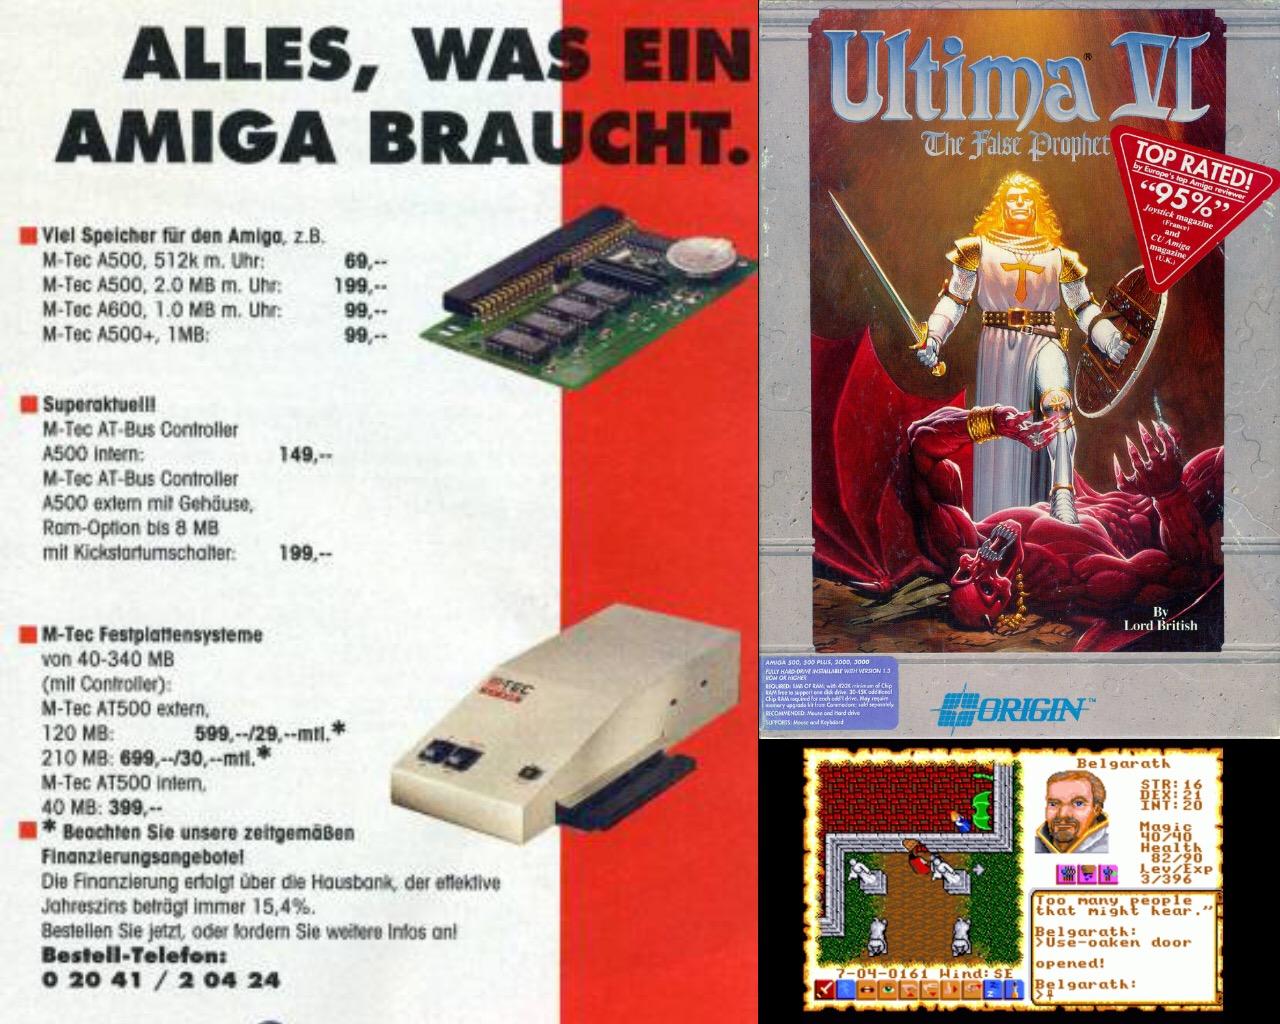 M-Tec A500 Erweiterungen waren alles, was der Amiga braucht